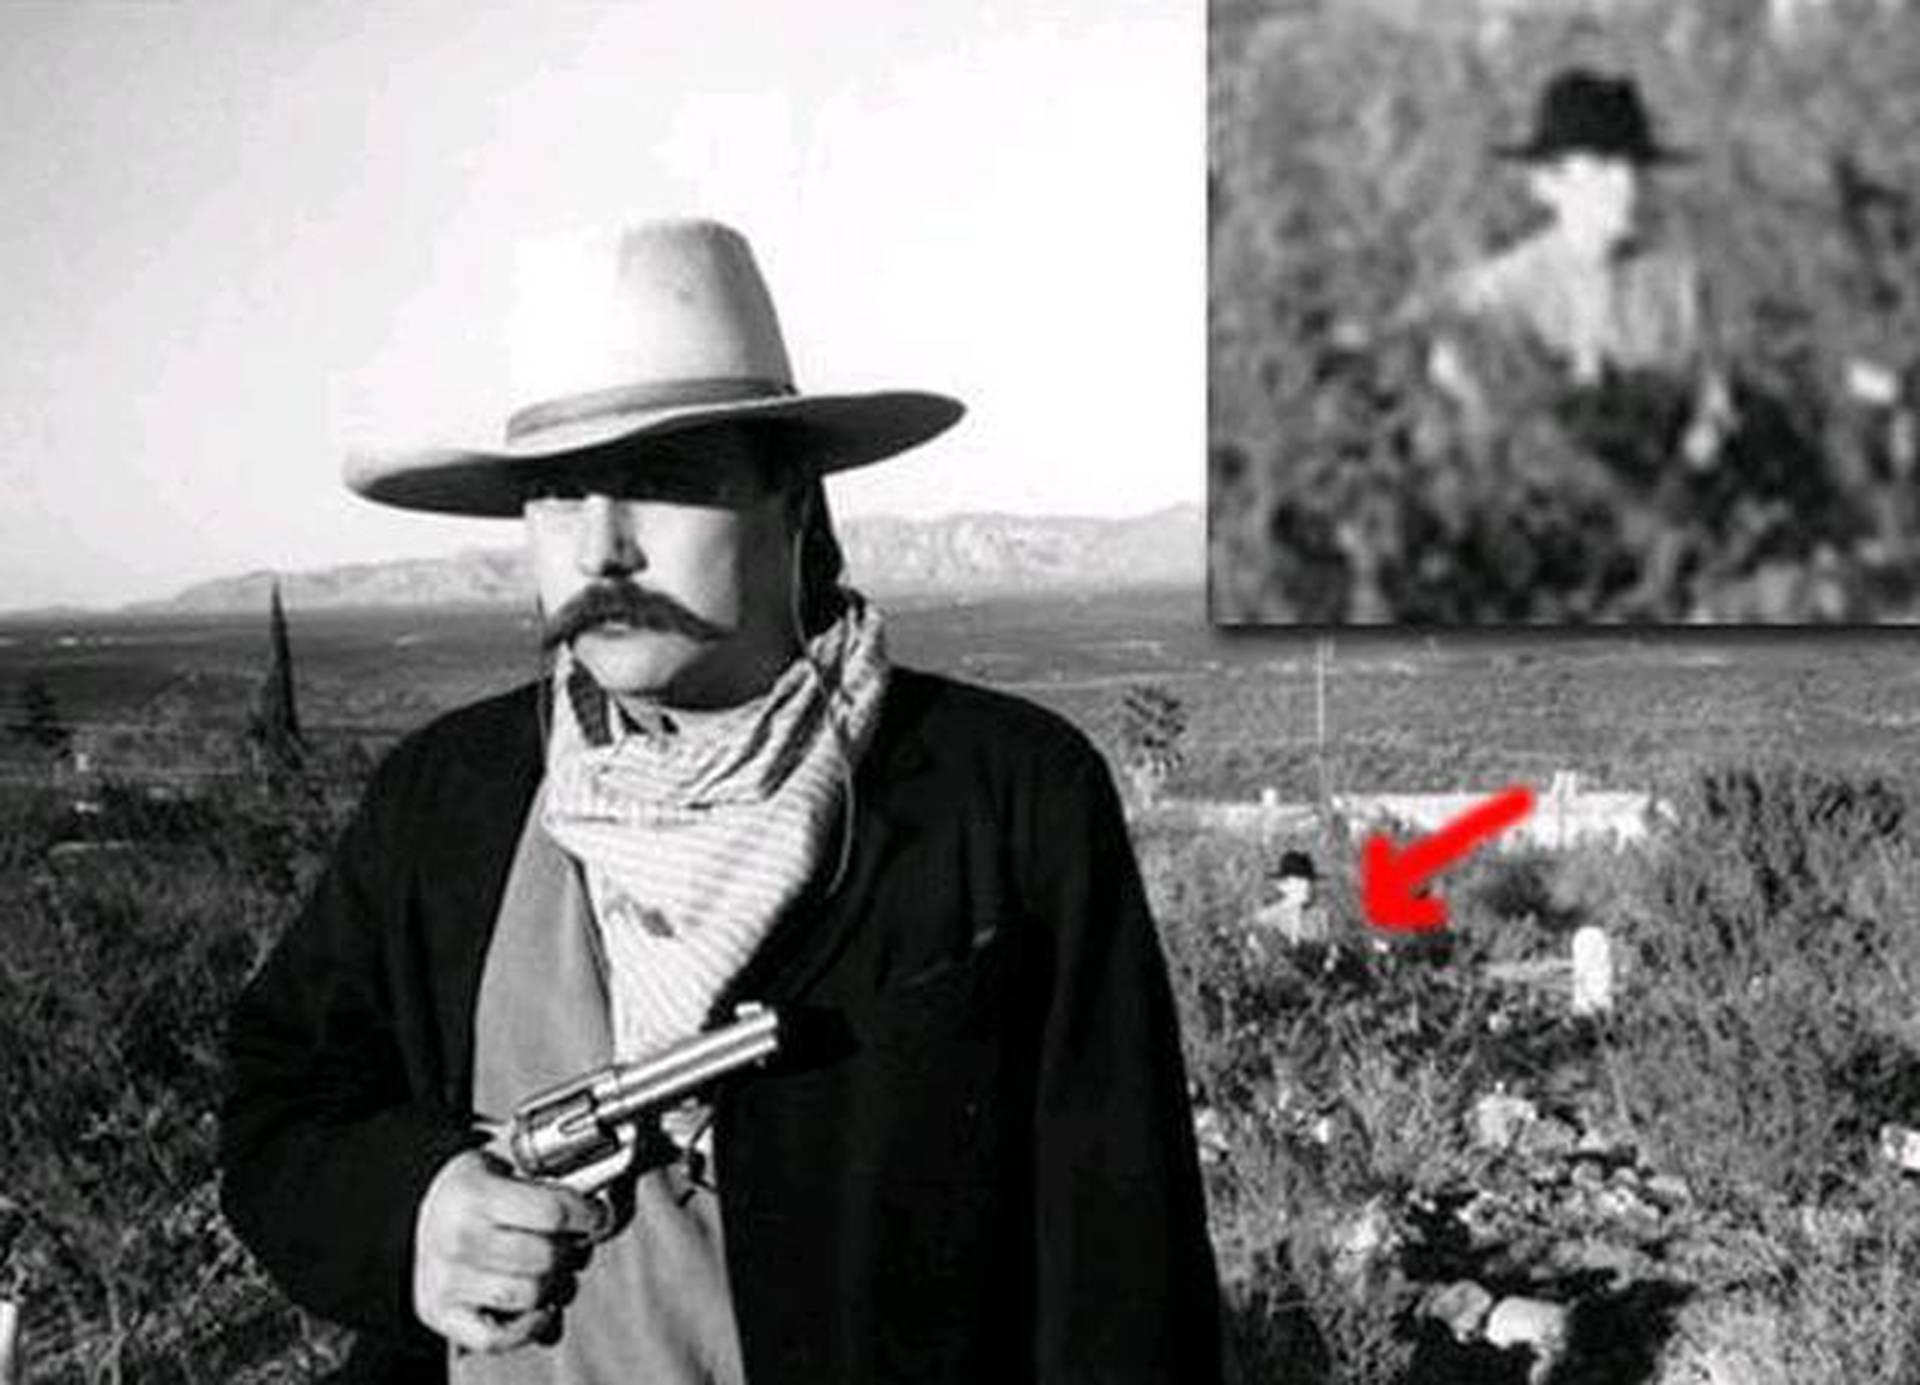 Призрак мужчины в шляпе на фото с кладбища